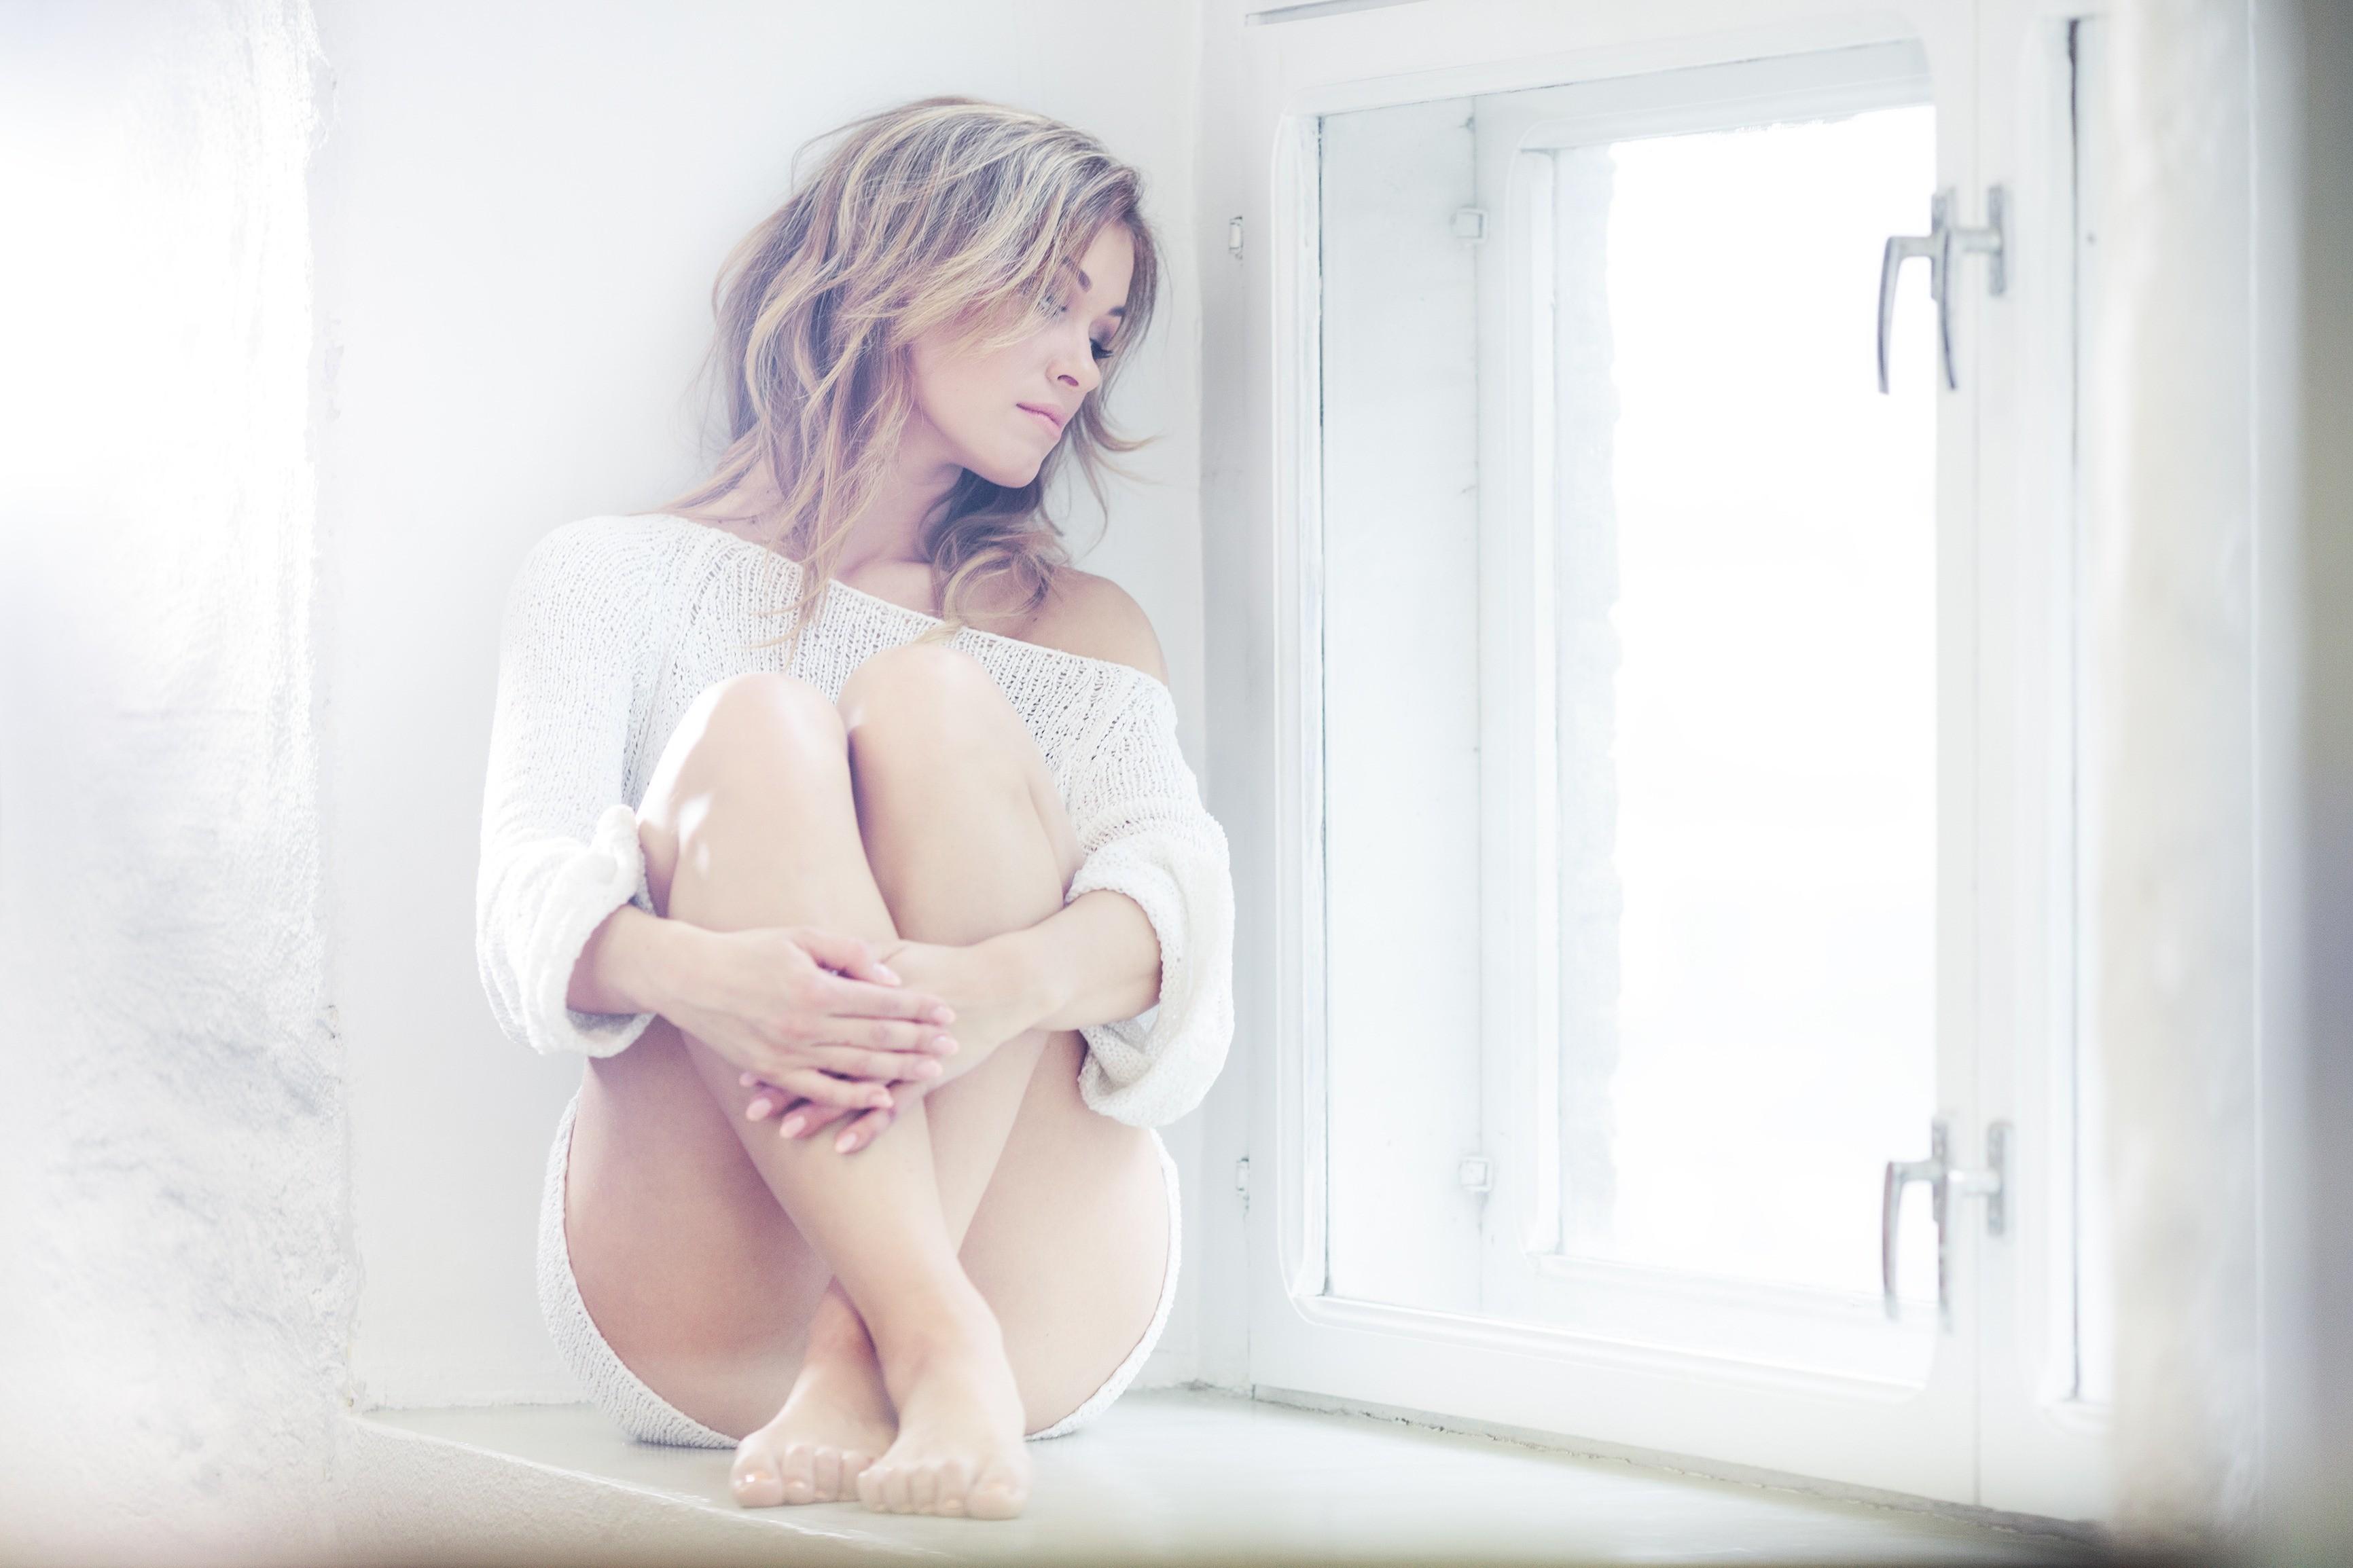 Мурашки по коже: 17 «незаметных» симптомов депрессии, которые важно увидеть как можно раньше